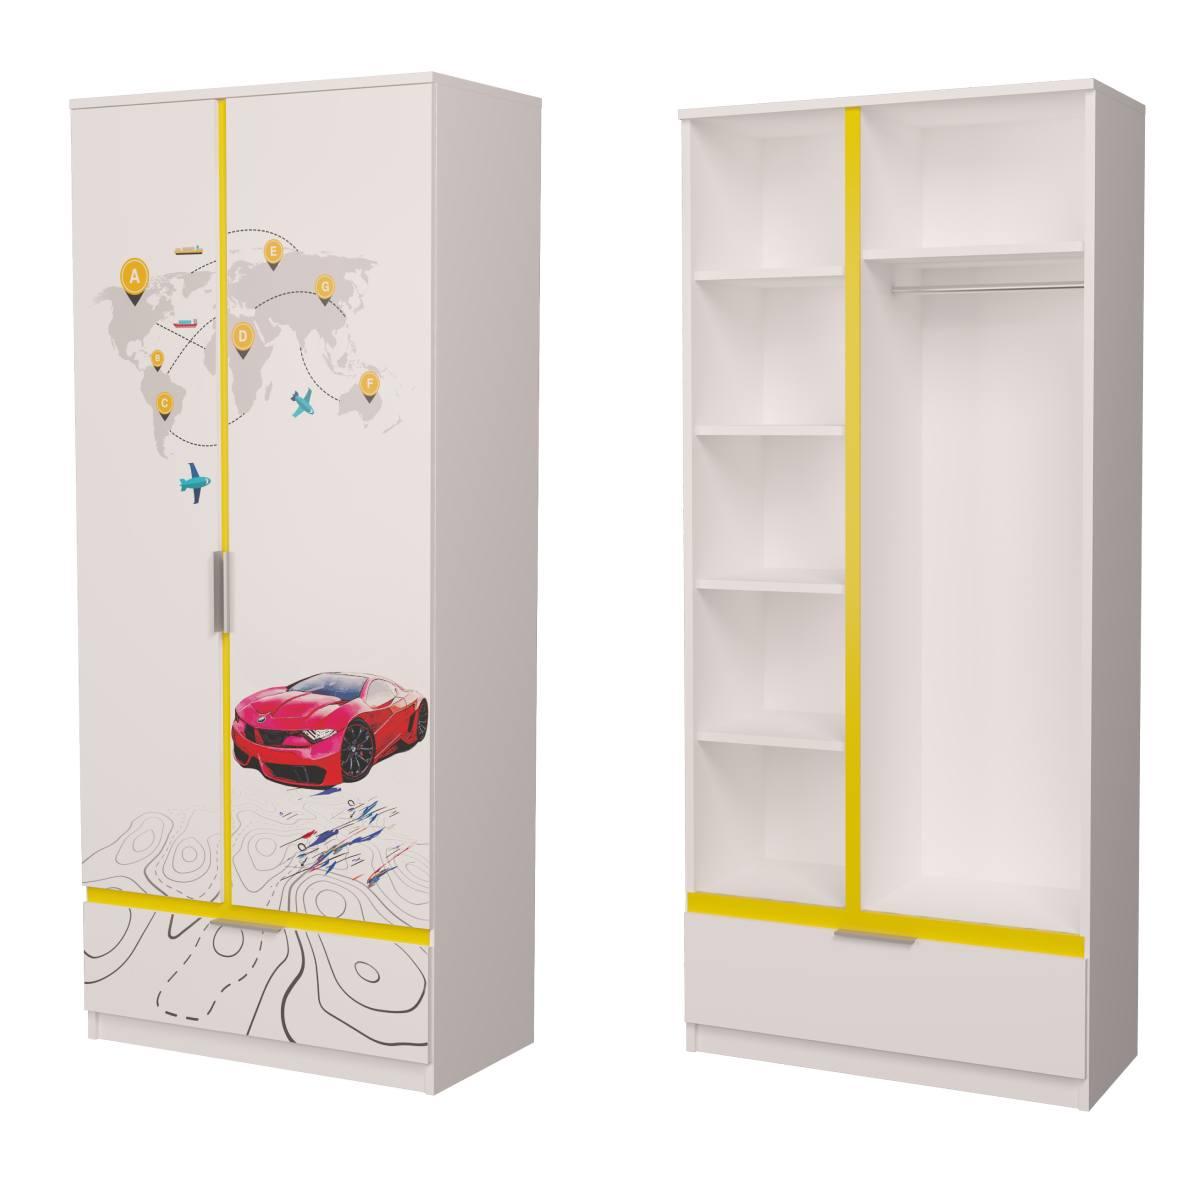 Детский шкаф бмв красный с желтым